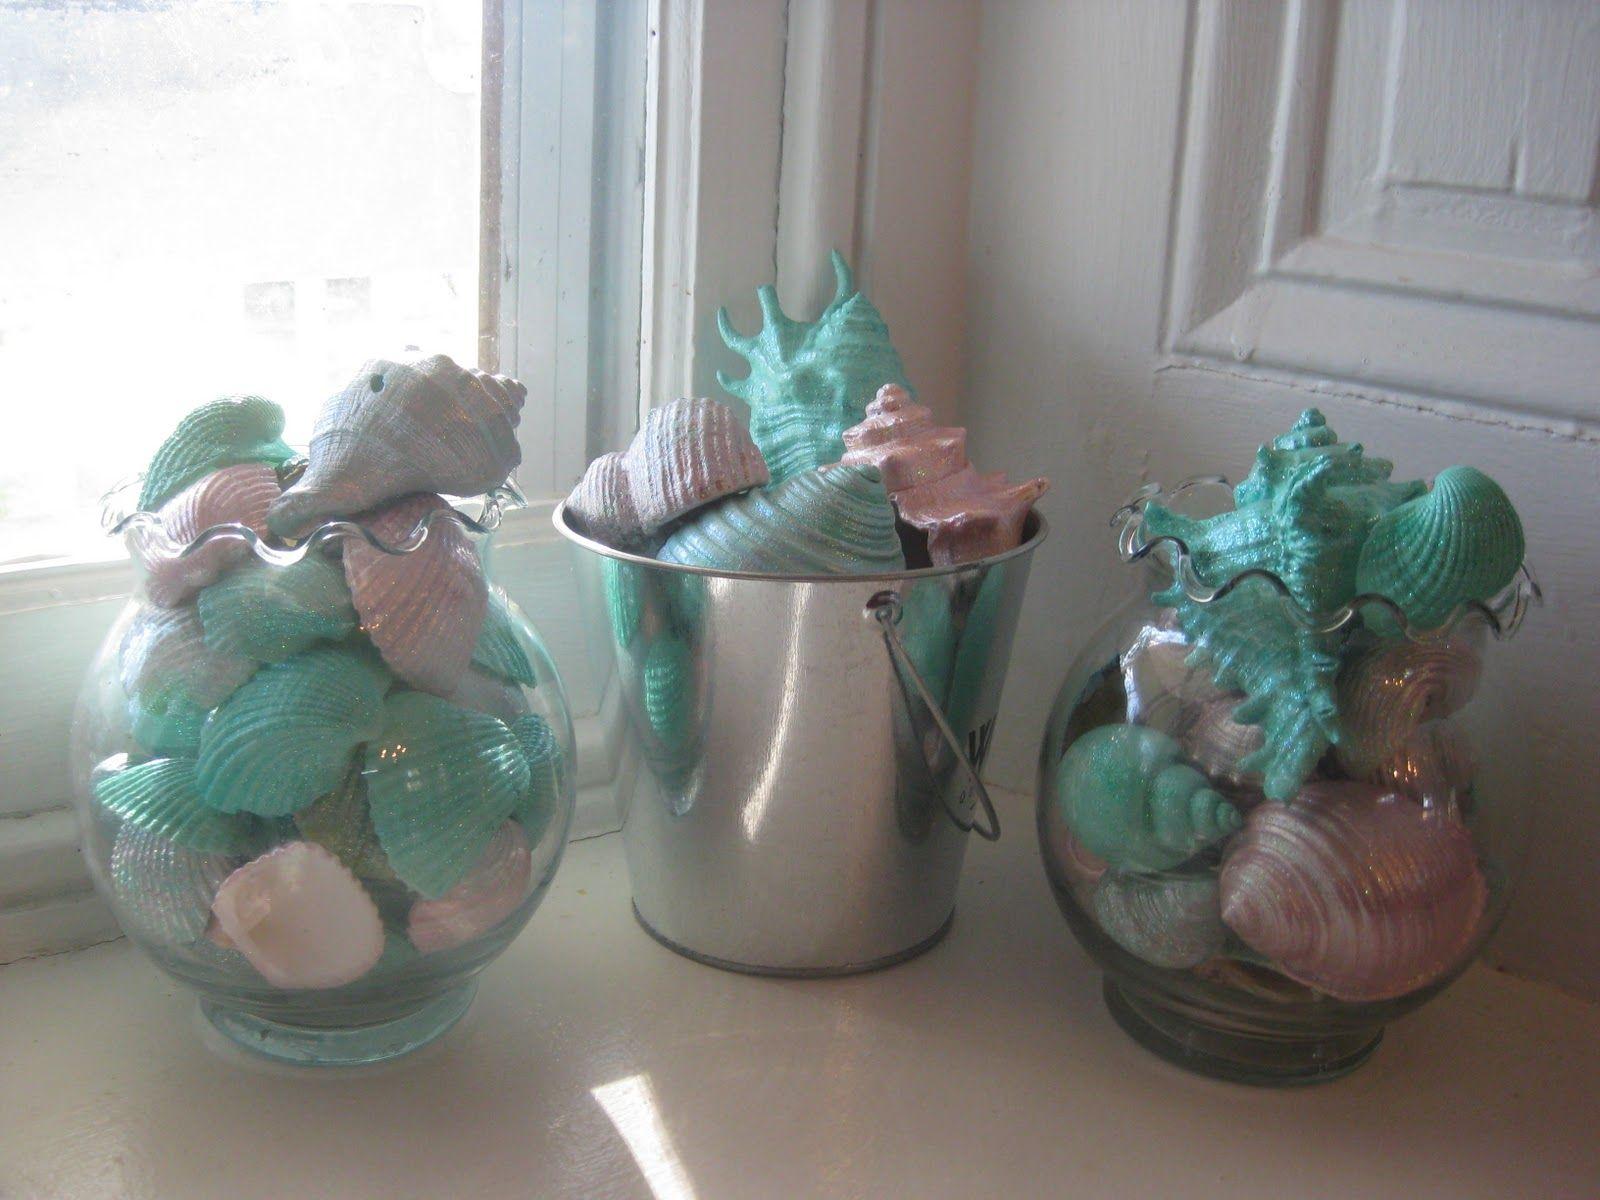 Crafty ideas diy seashell crafts ideas 300x225 diy seashell crafty ideas diy seashell crafts ideas 300x225 diy seashell crafts ideas reviewsmspy